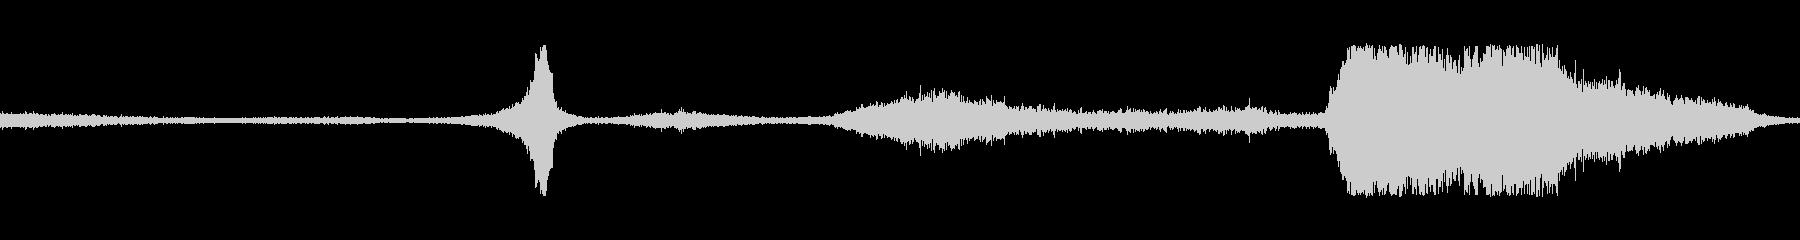 ジェットパスnの未再生の波形